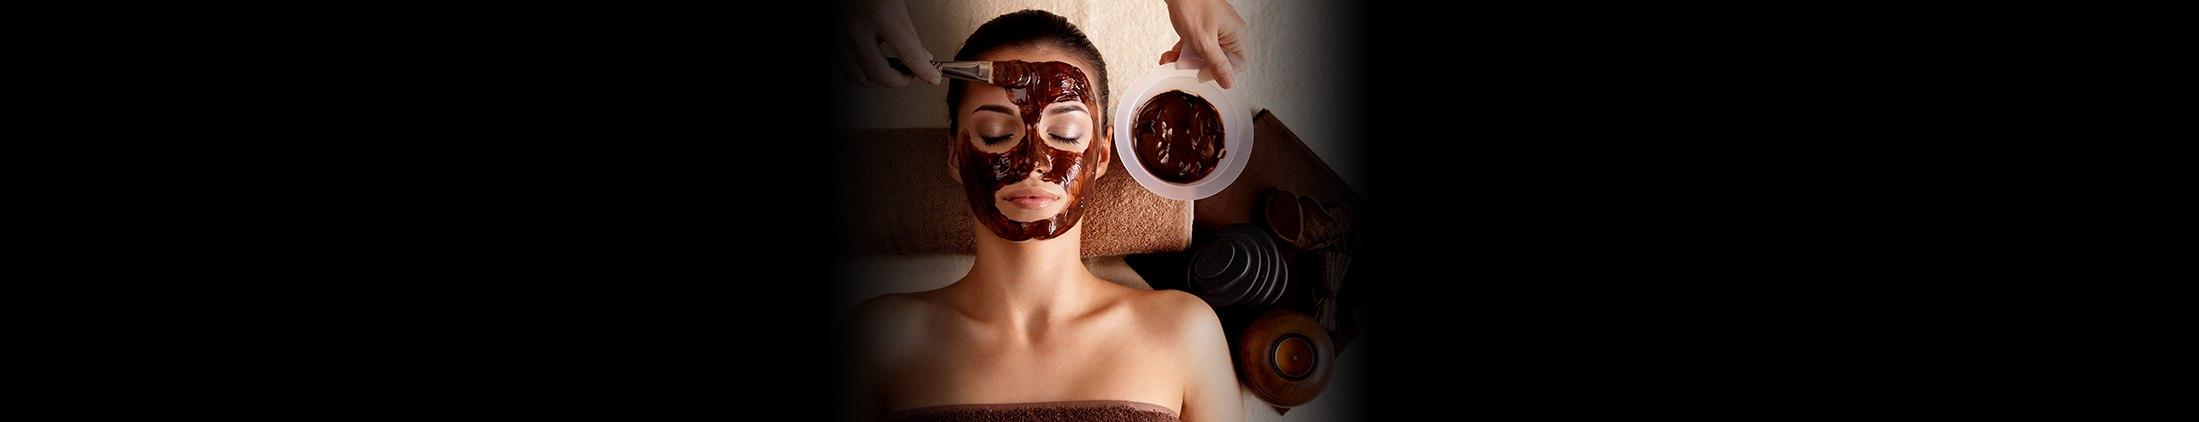 Chocolade en beauty steeds vaker hand in hand